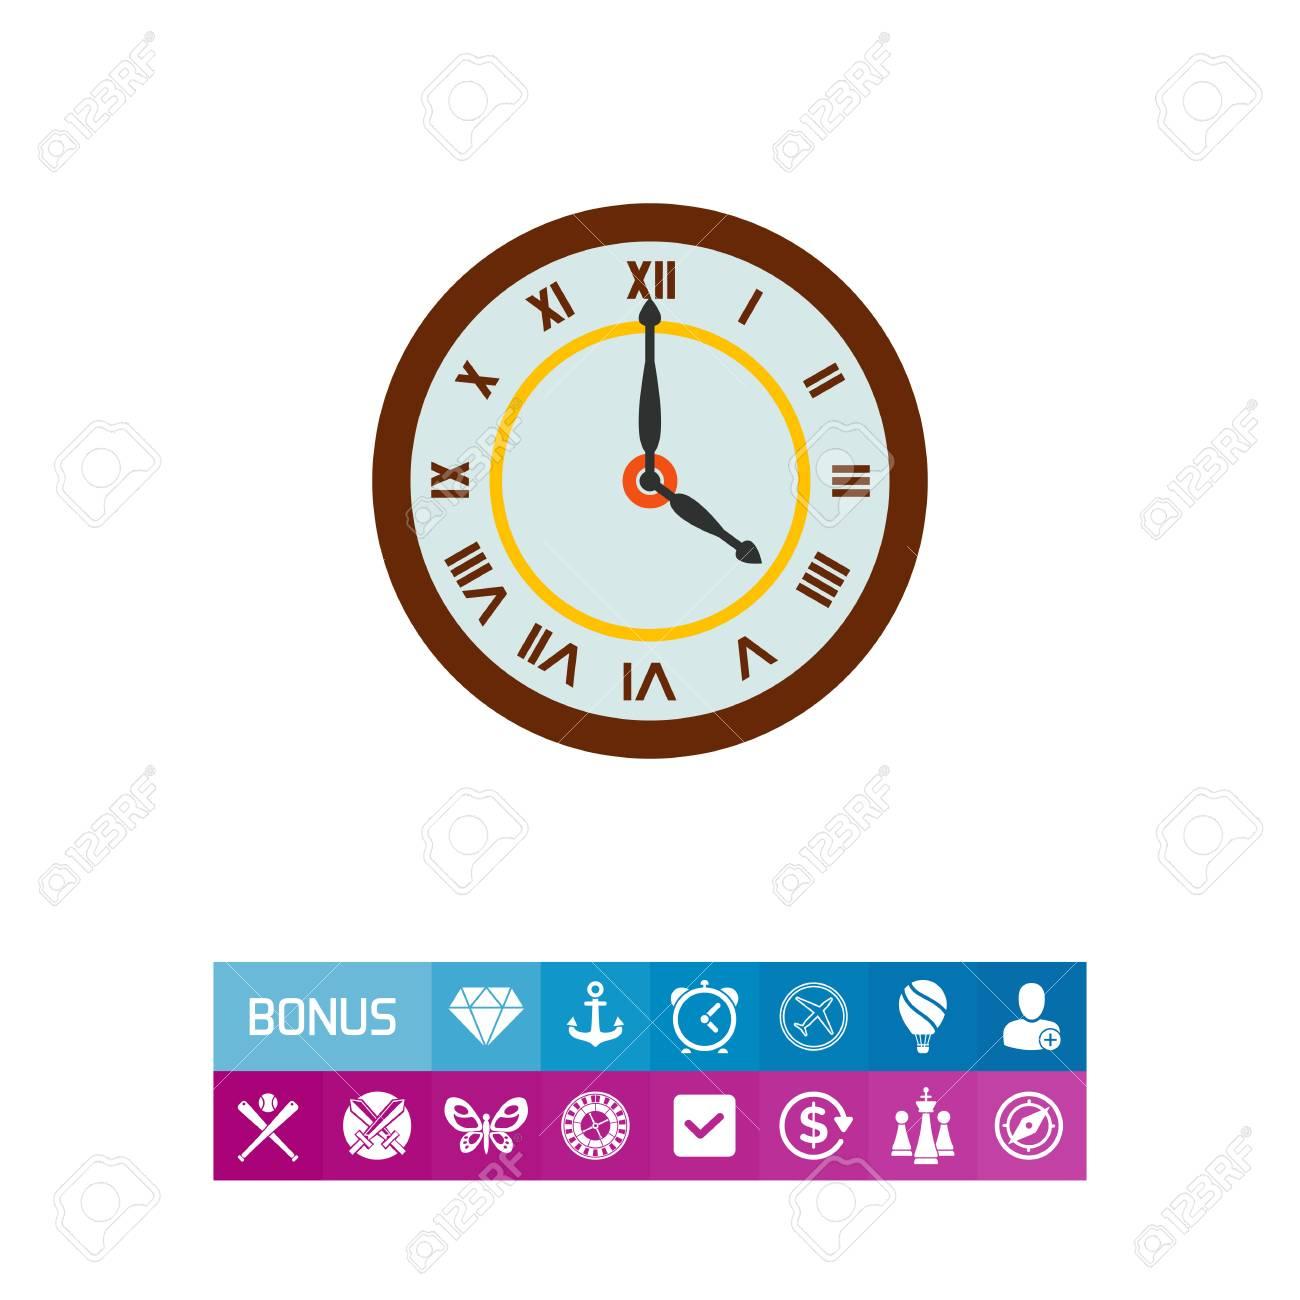 0836d650d5 Ilustração do relógio numeral romano. Tempo, números romanos, mão das horas,  ponteiro